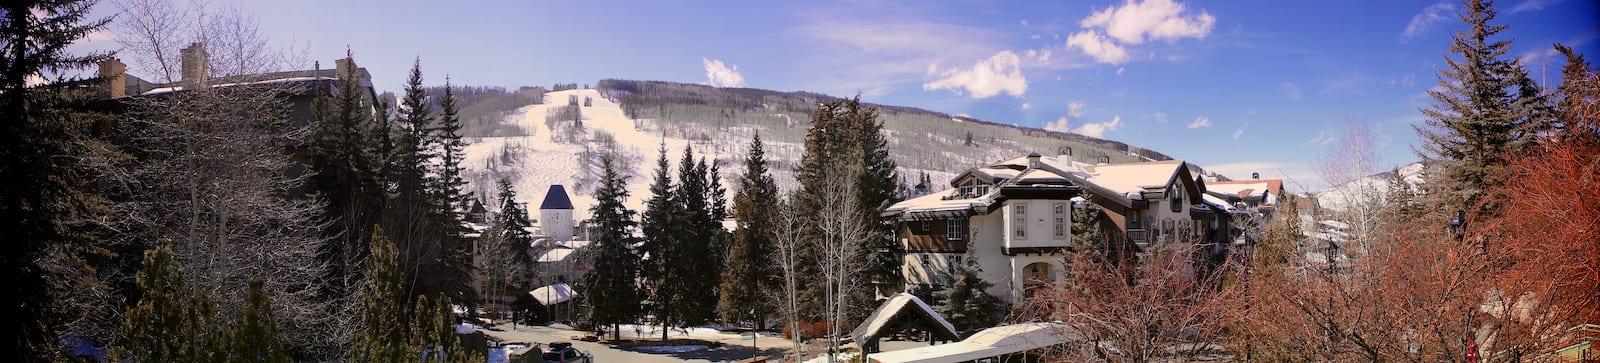 Vail Village Colorado Panorama